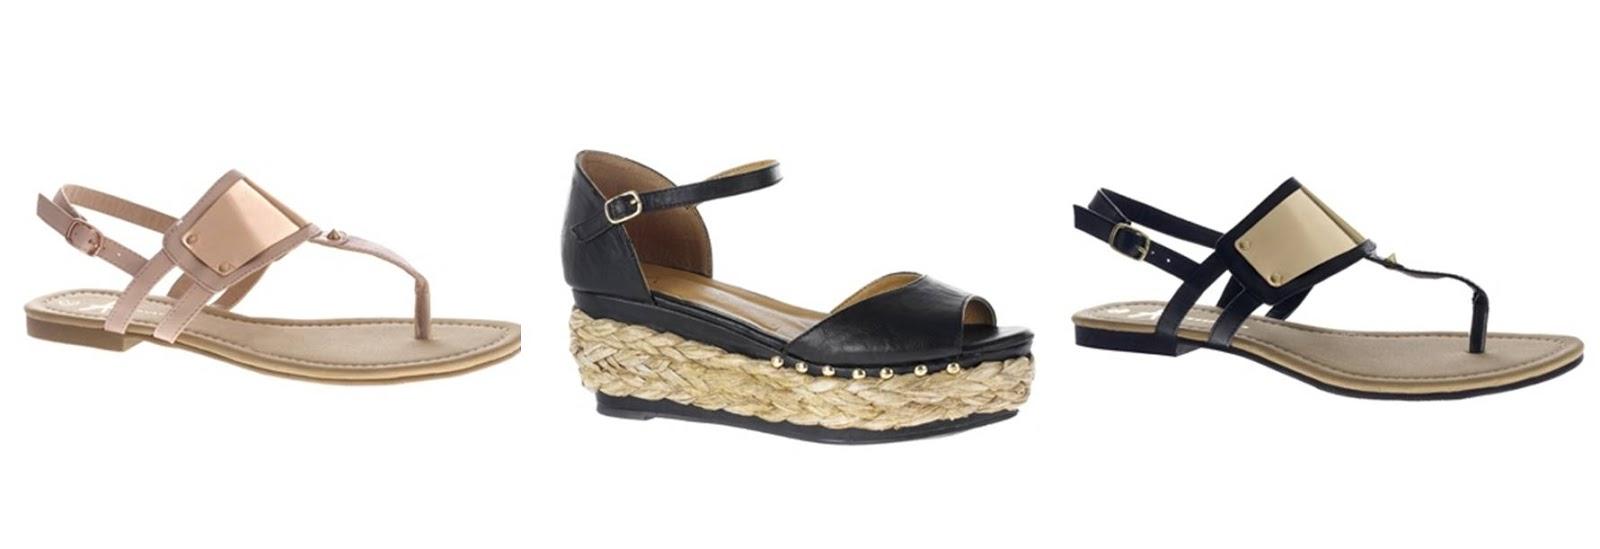 Zara Shoes Ss Heel Sandals